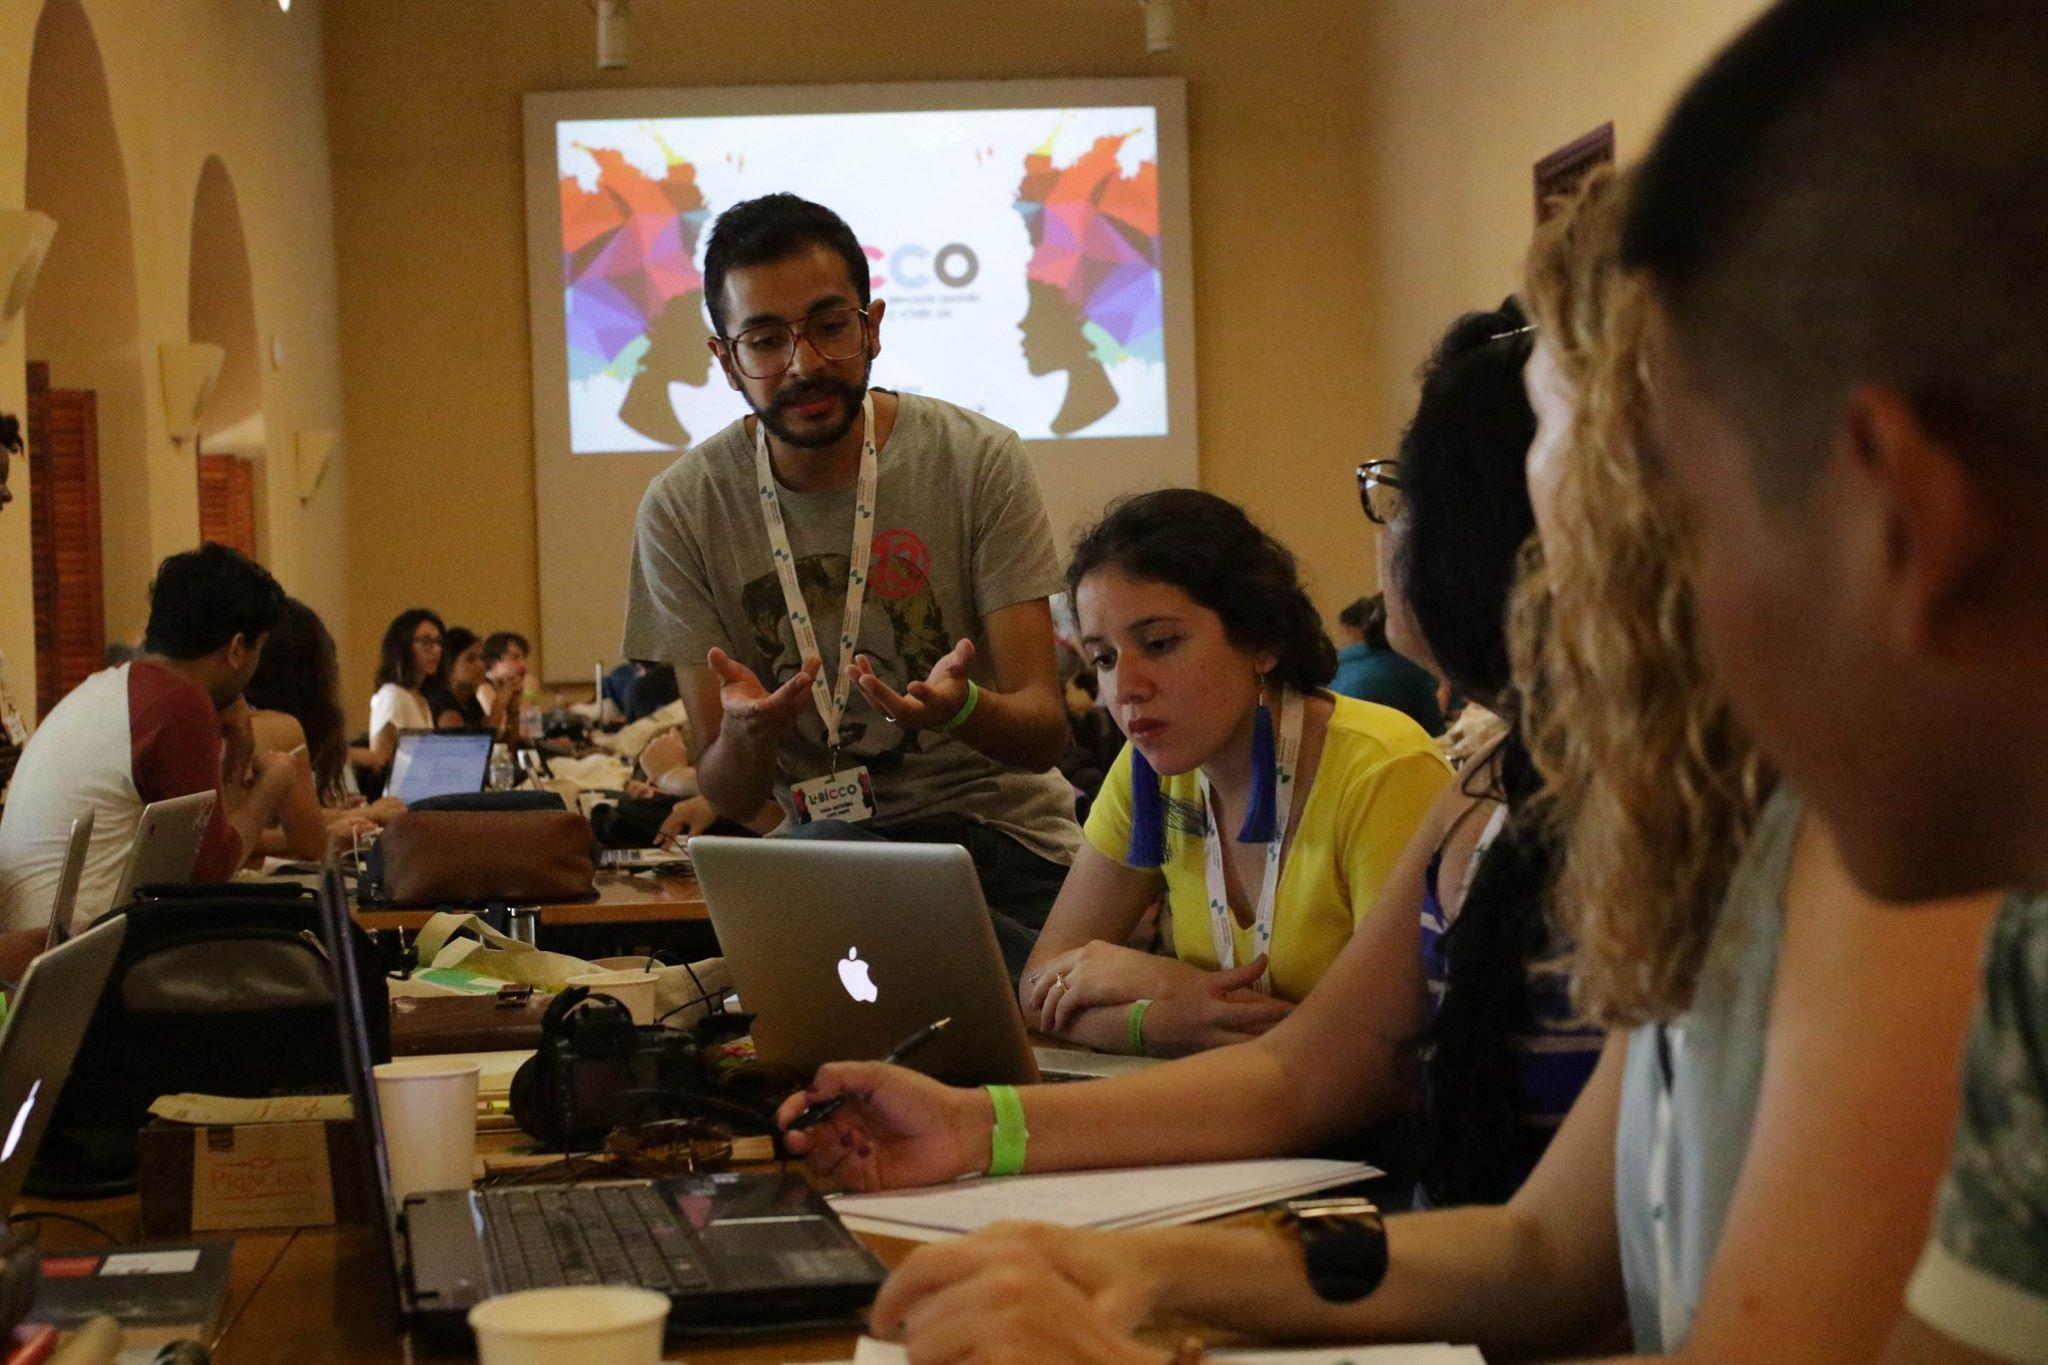 La tercera edición del Laboratorio de Innovación Ciudadana celebrado en Colombia, LABICCO, resultó un éxito y consolidó un proyecto que sigue creciendo.